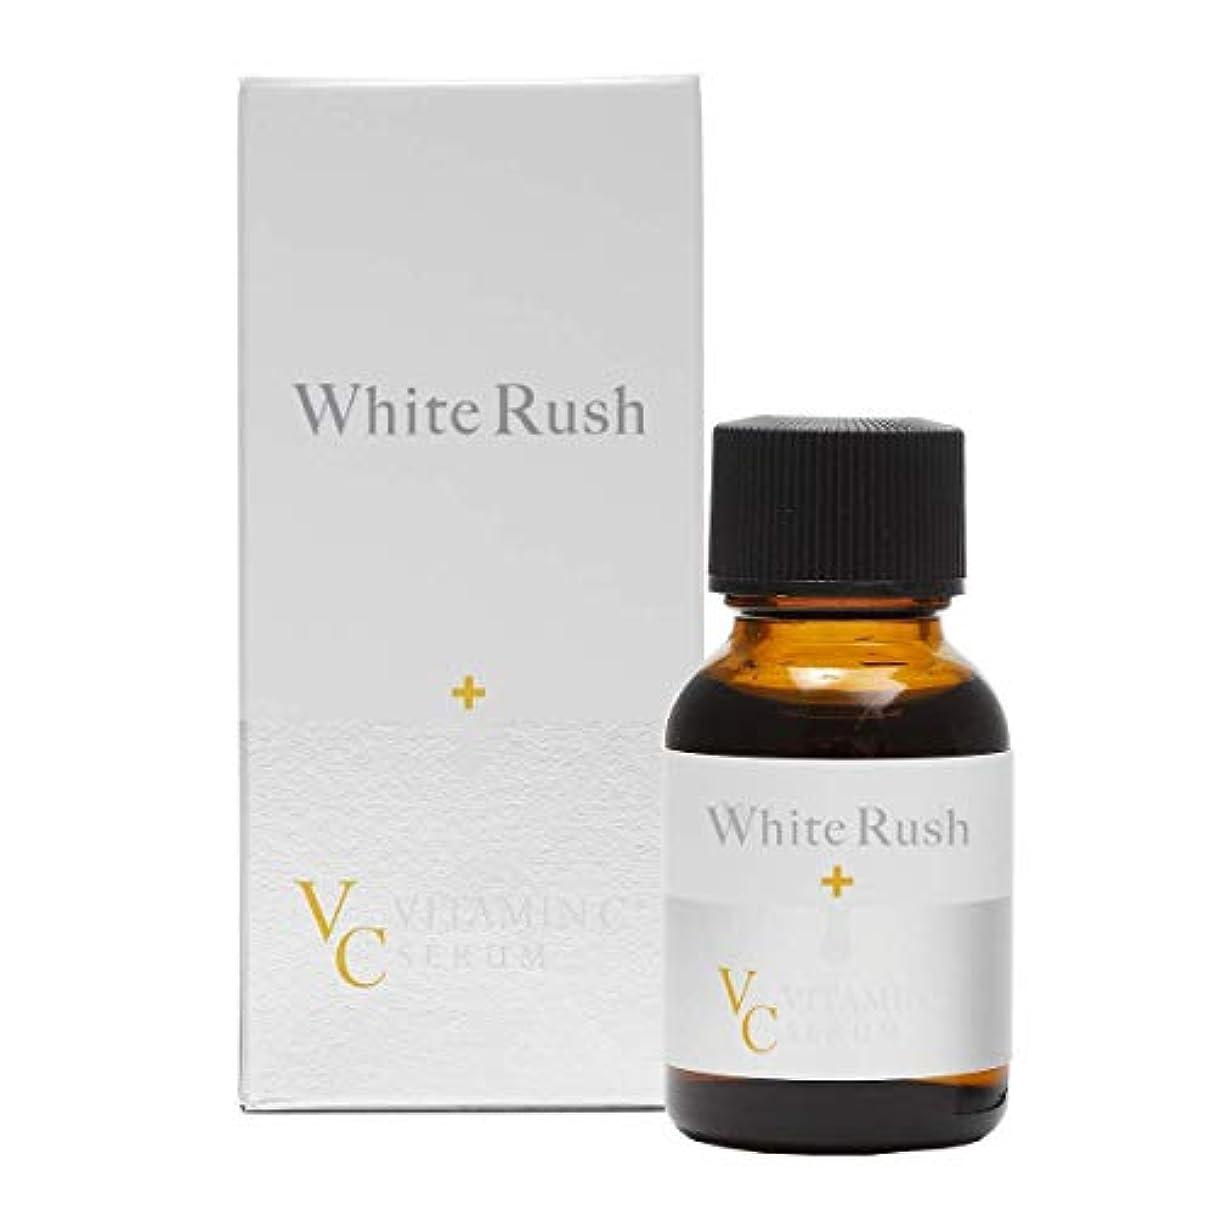 黙寸法経験者【高濃度ビタミンC誘導体30%】White Rush VC ビタミンCセラム 18ml(18g)